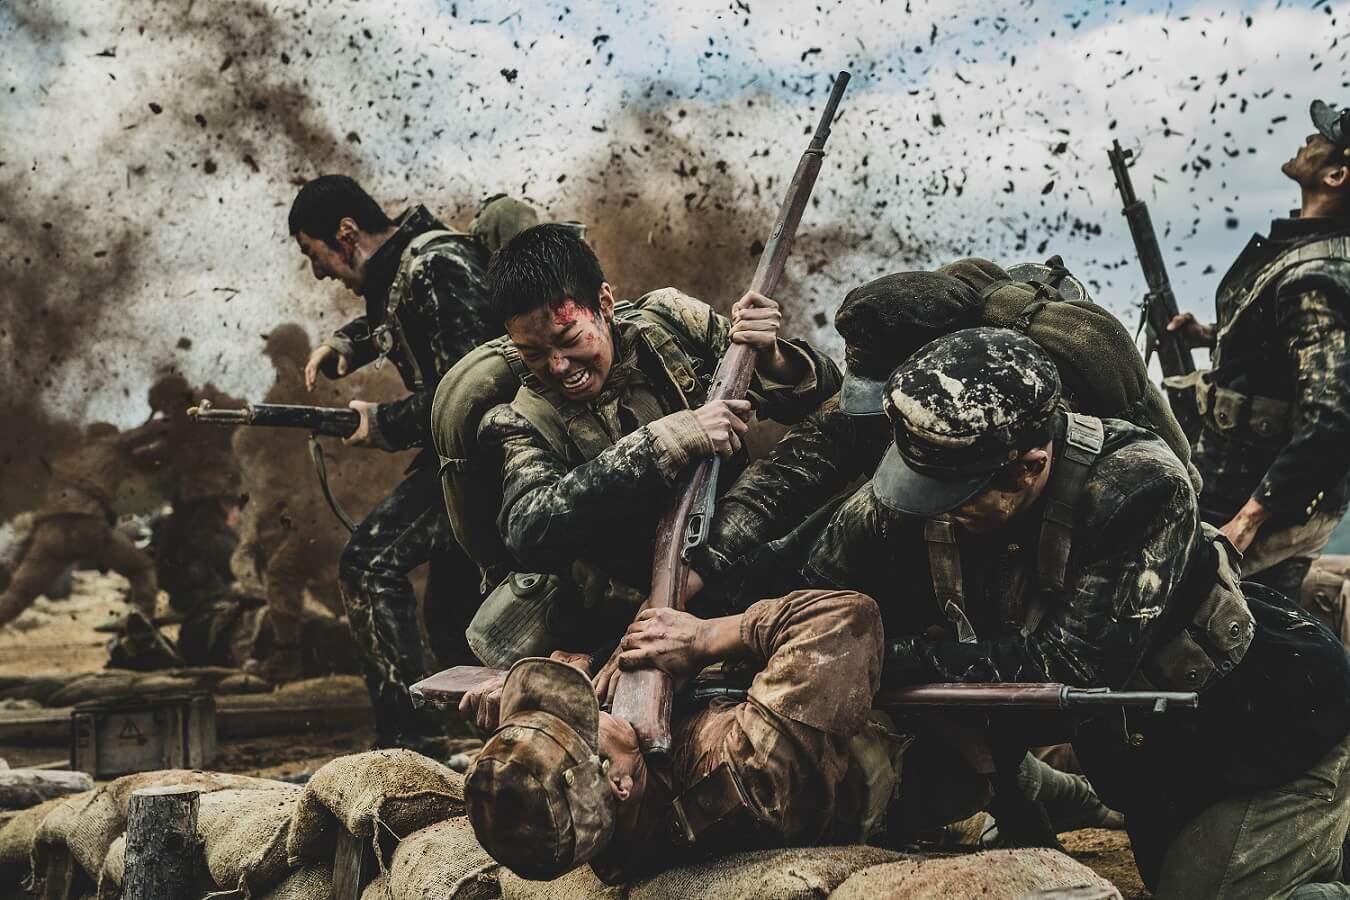 韓戰長沙里登陸戰真實事件改編的《長沙里之戰》電影劇照。